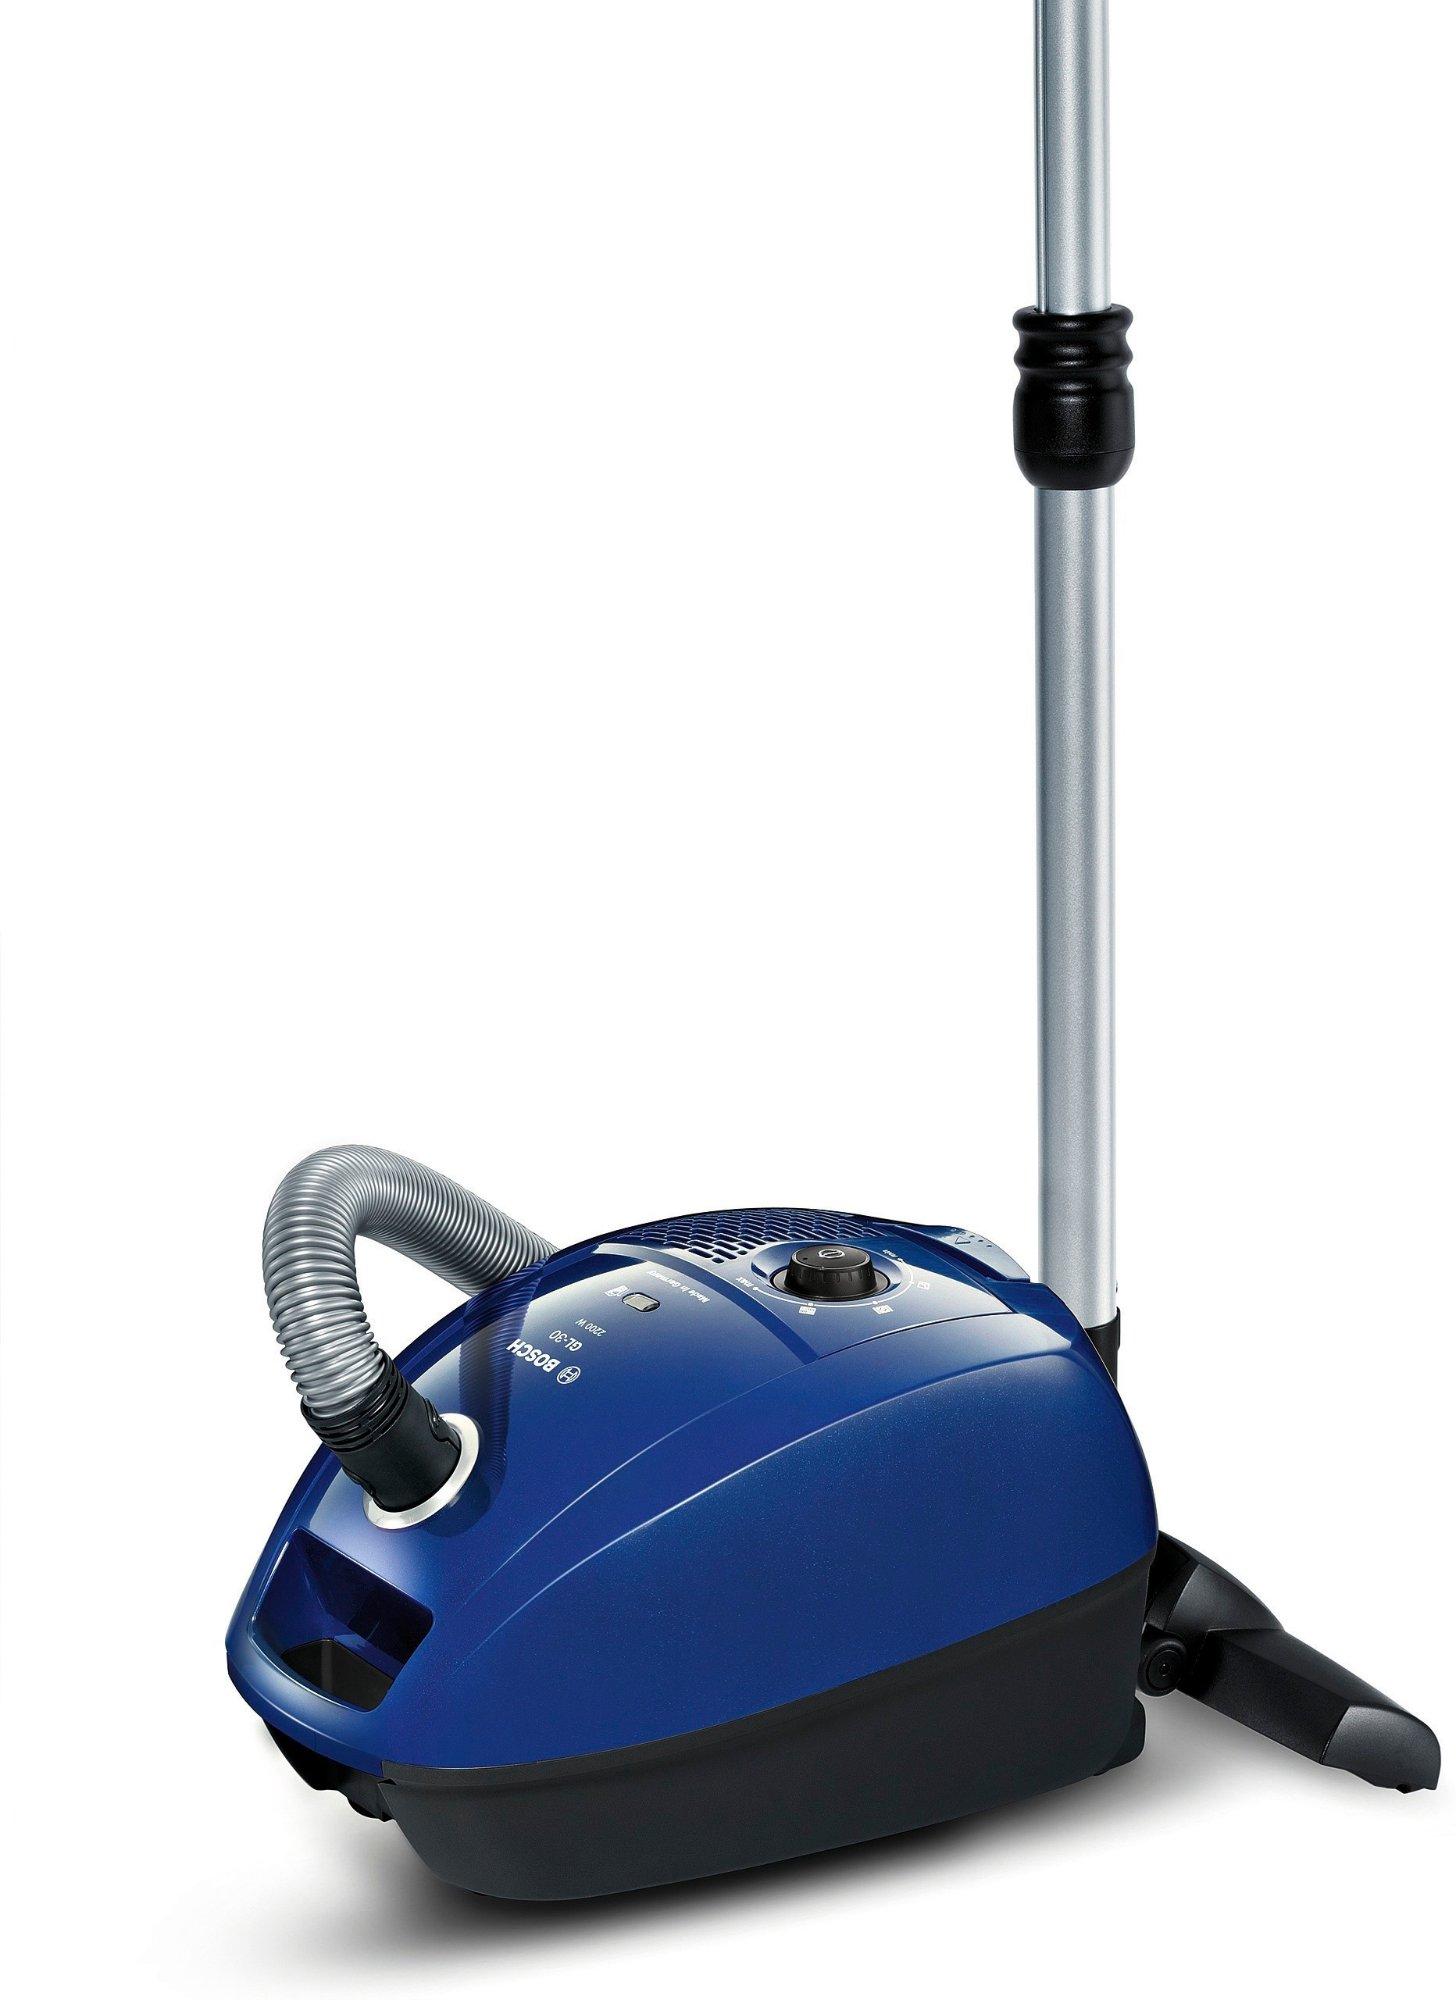 Best pris på Bosch BGL32200 Se priser før kjøp i Prisguiden